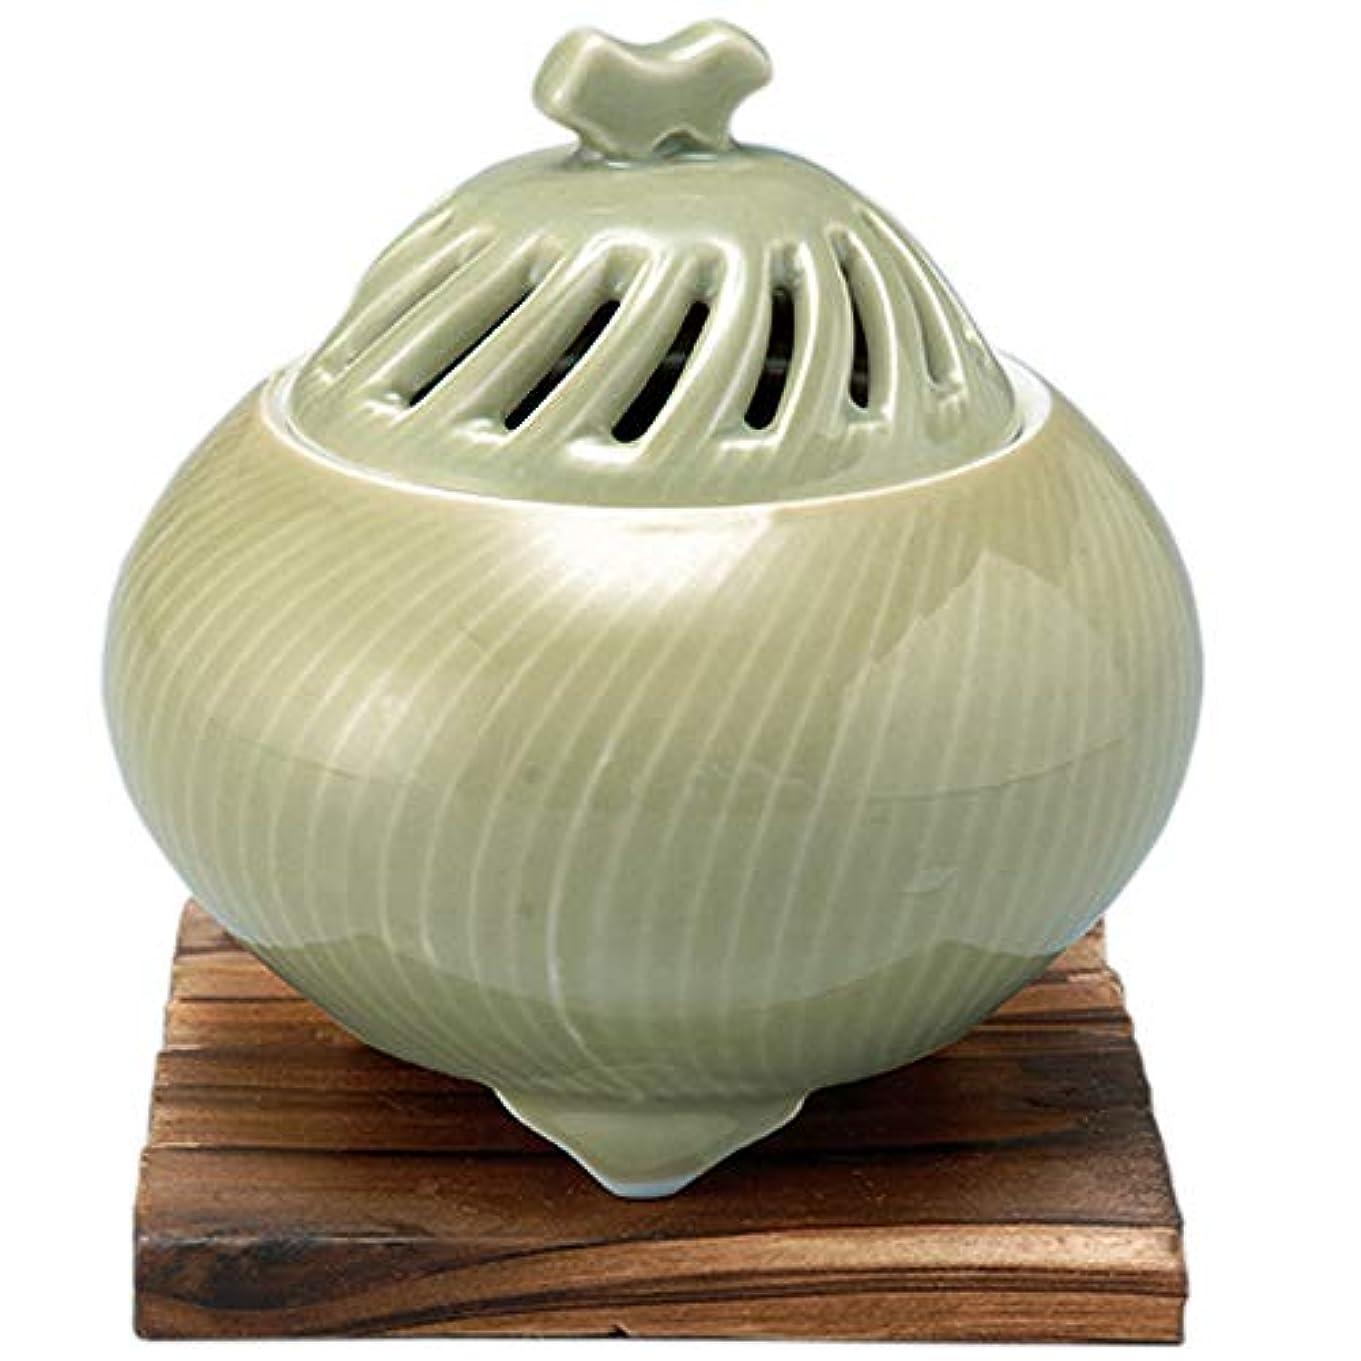 ホップファンタジー慈悲深い香炉 鶯透し 丸型香炉 [R11xH11.3cm] プレゼント ギフト 和食器 かわいい インテリア